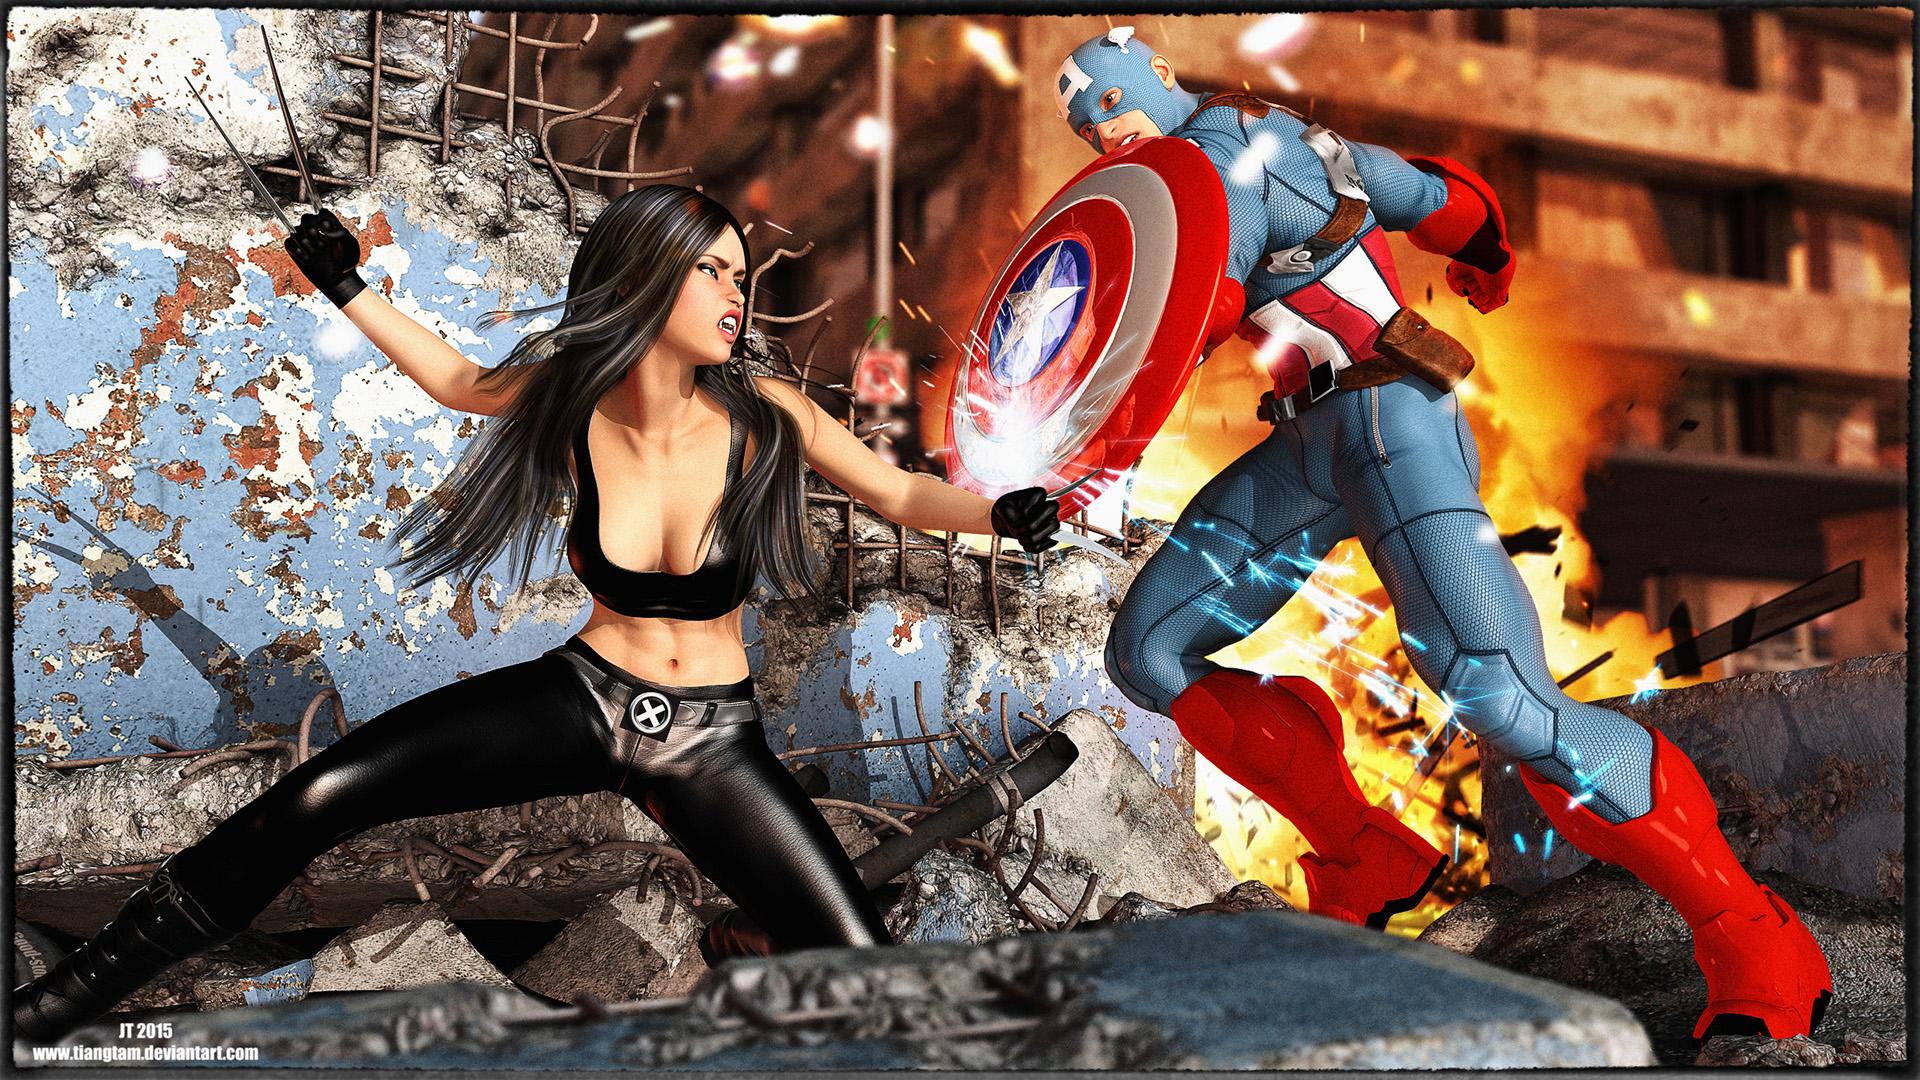 Cap vs X23